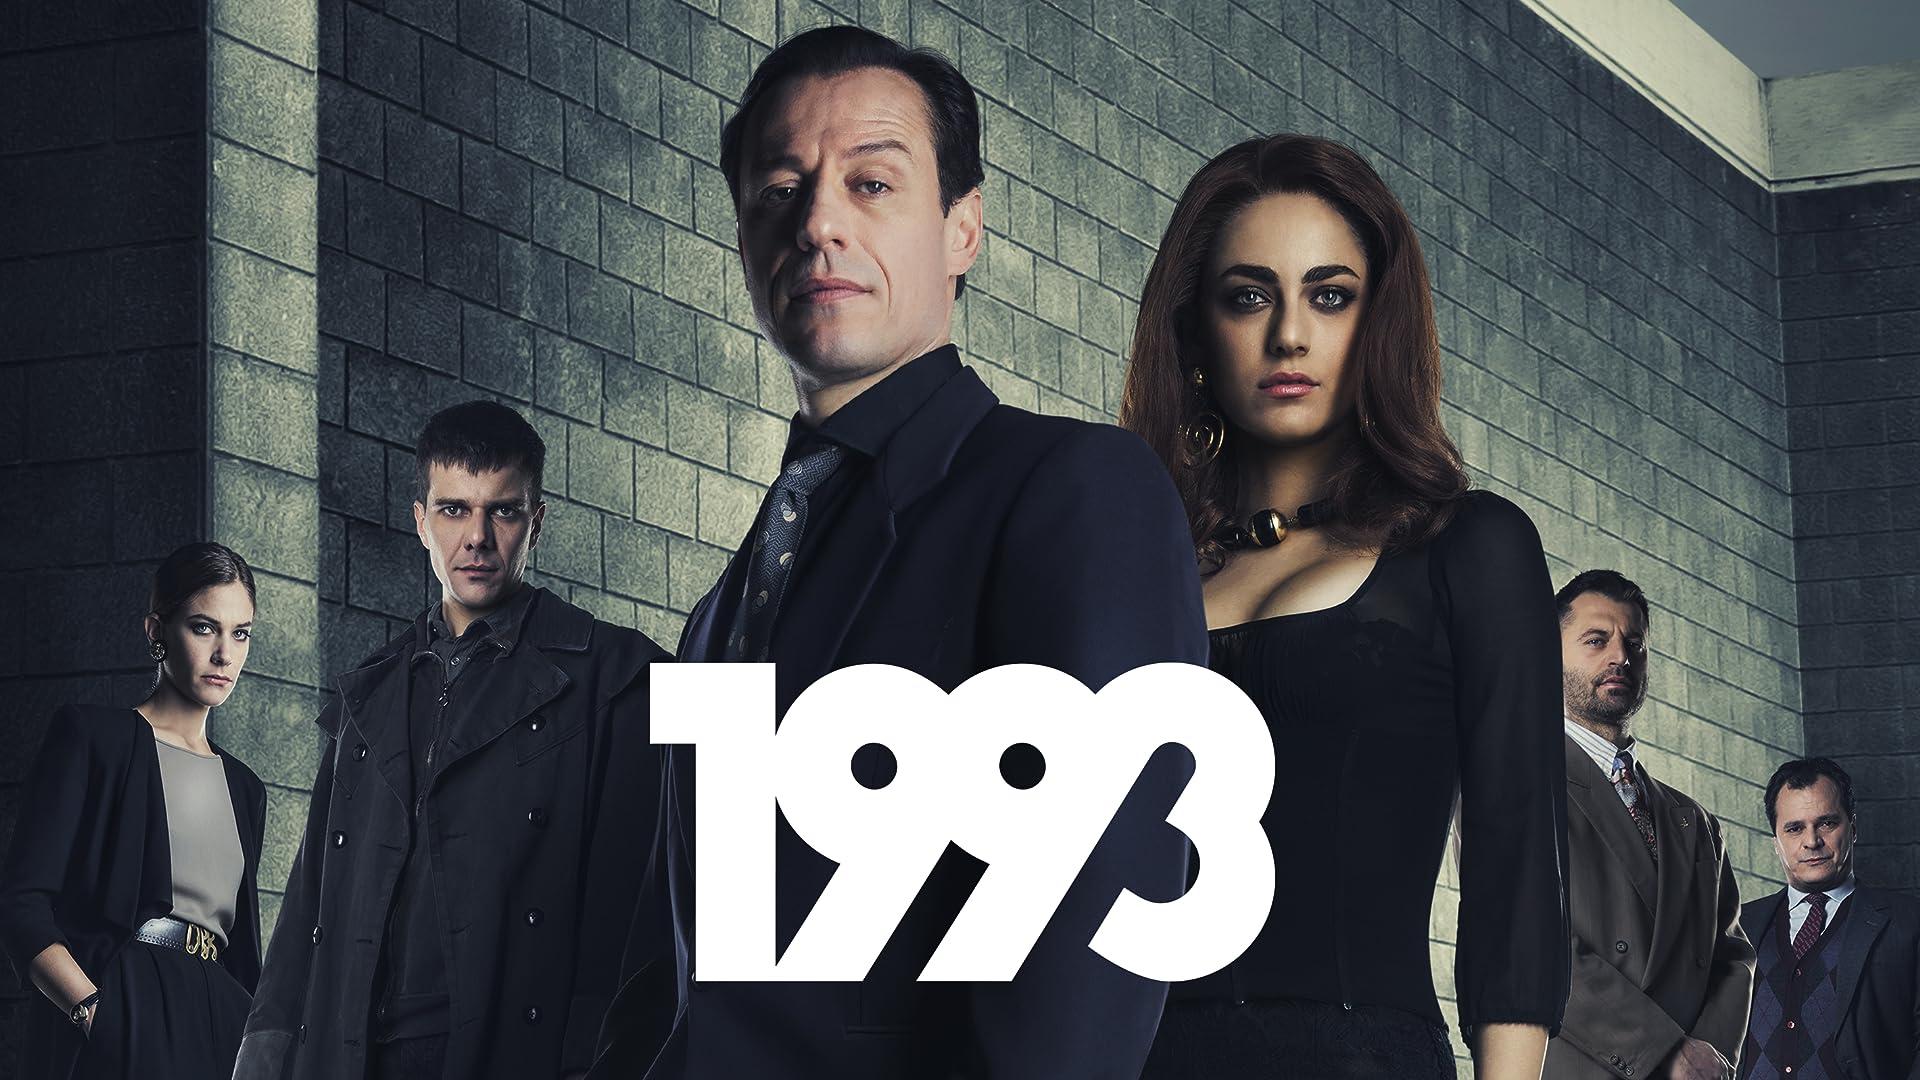 1993: Berlusconi Rising Season 1